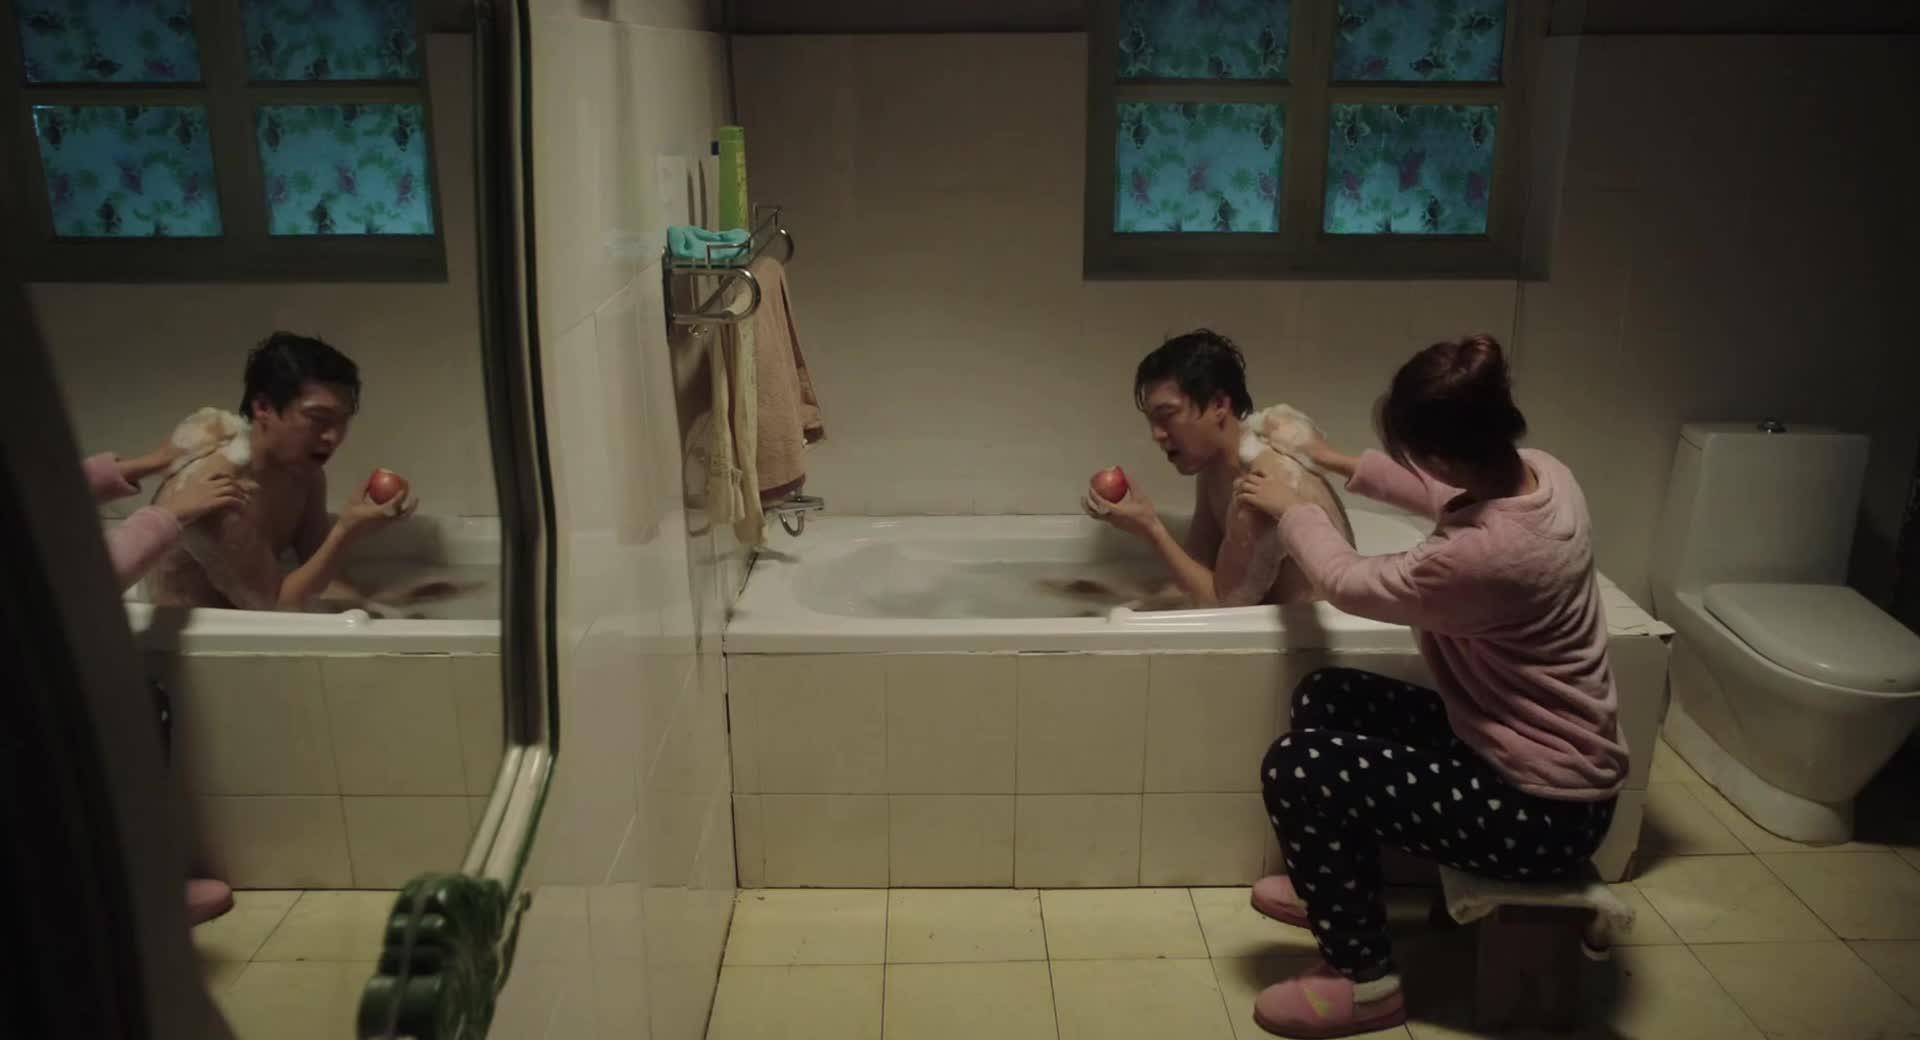 【一树桃花开】第17集预告-二女儿给丈夫洗澡吐槽婆婆